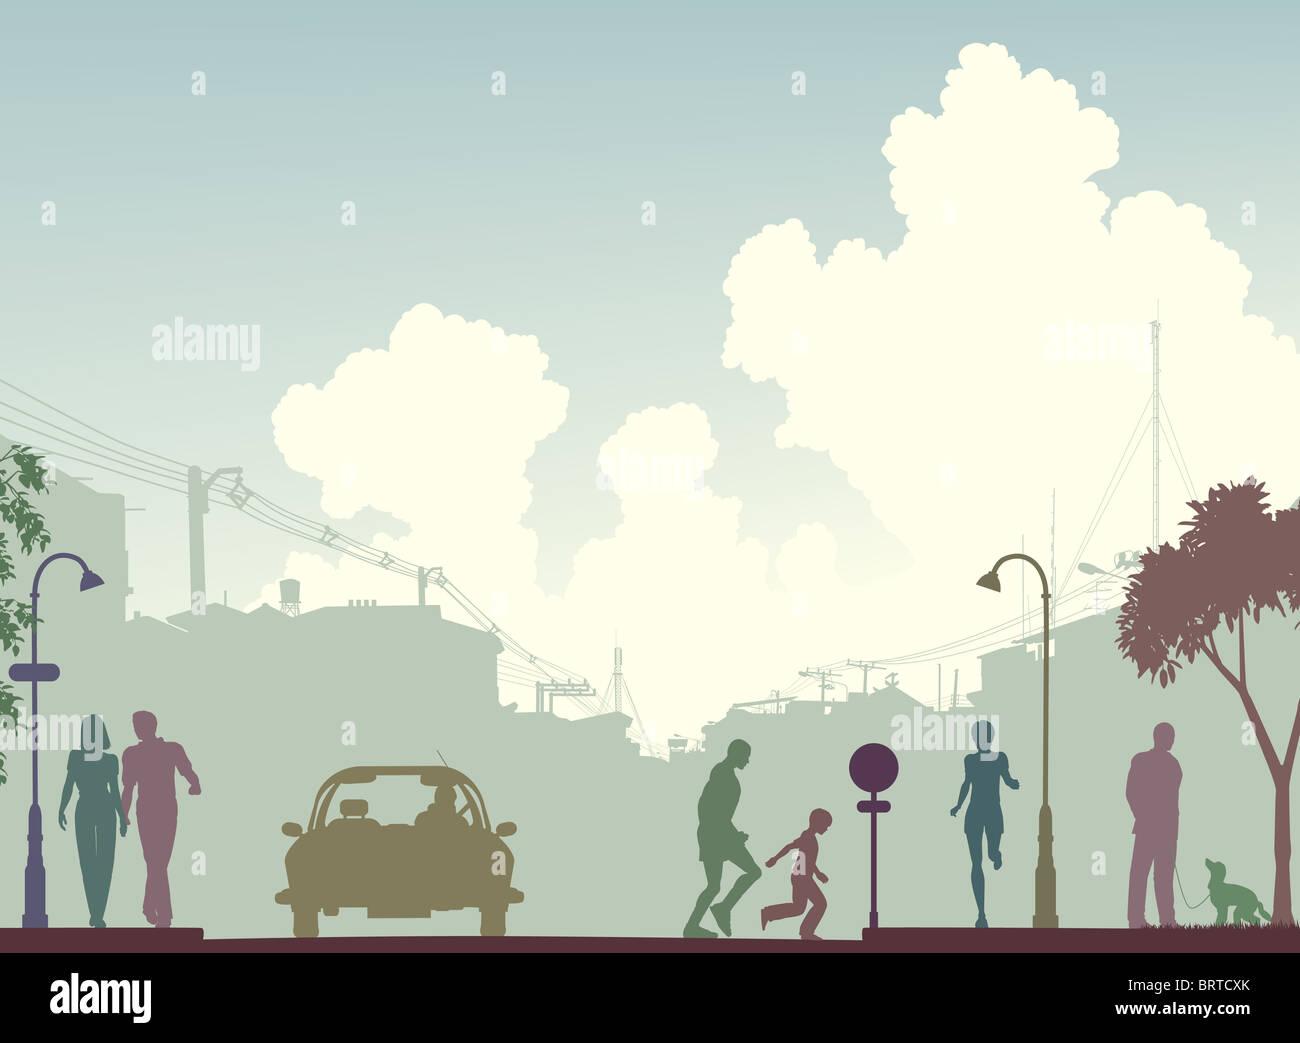 Illustrato silhouette di una strada molto trafficata con spazio di copia Immagini Stock